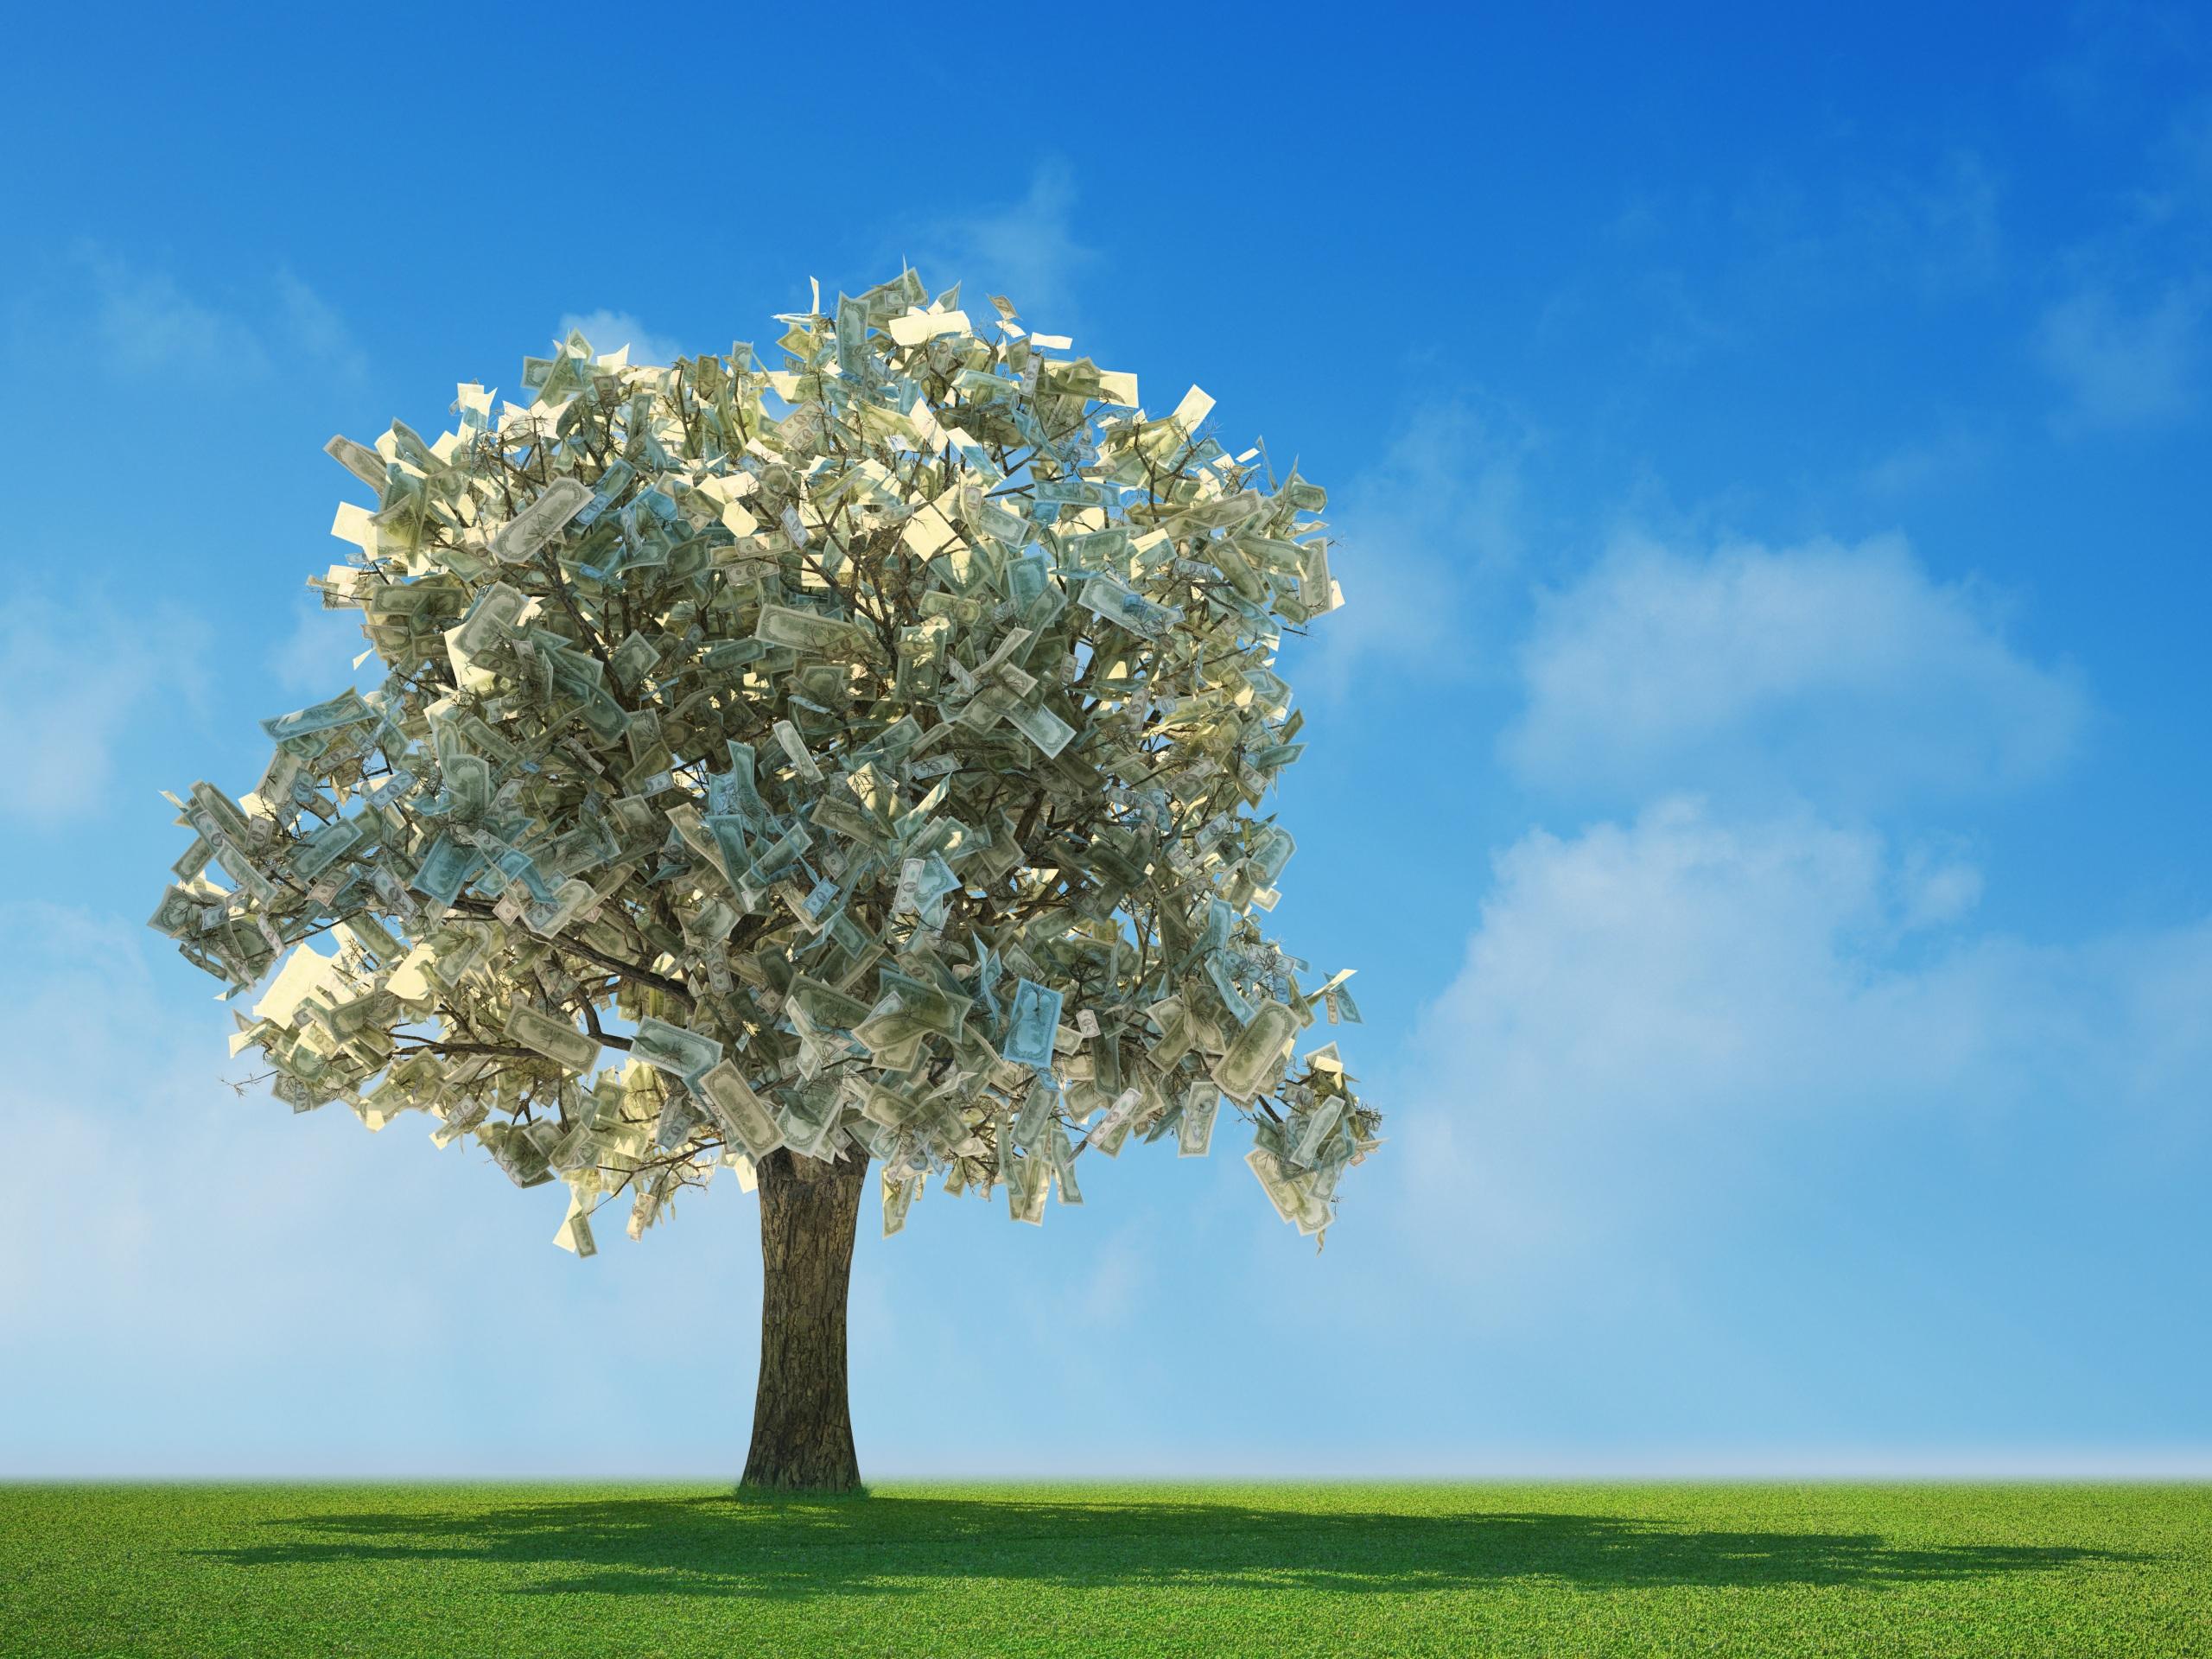 Обои для рабочего стола Банкноты Деньги Много дерево 2560x1920 Купюры дерева Деревья деревьев